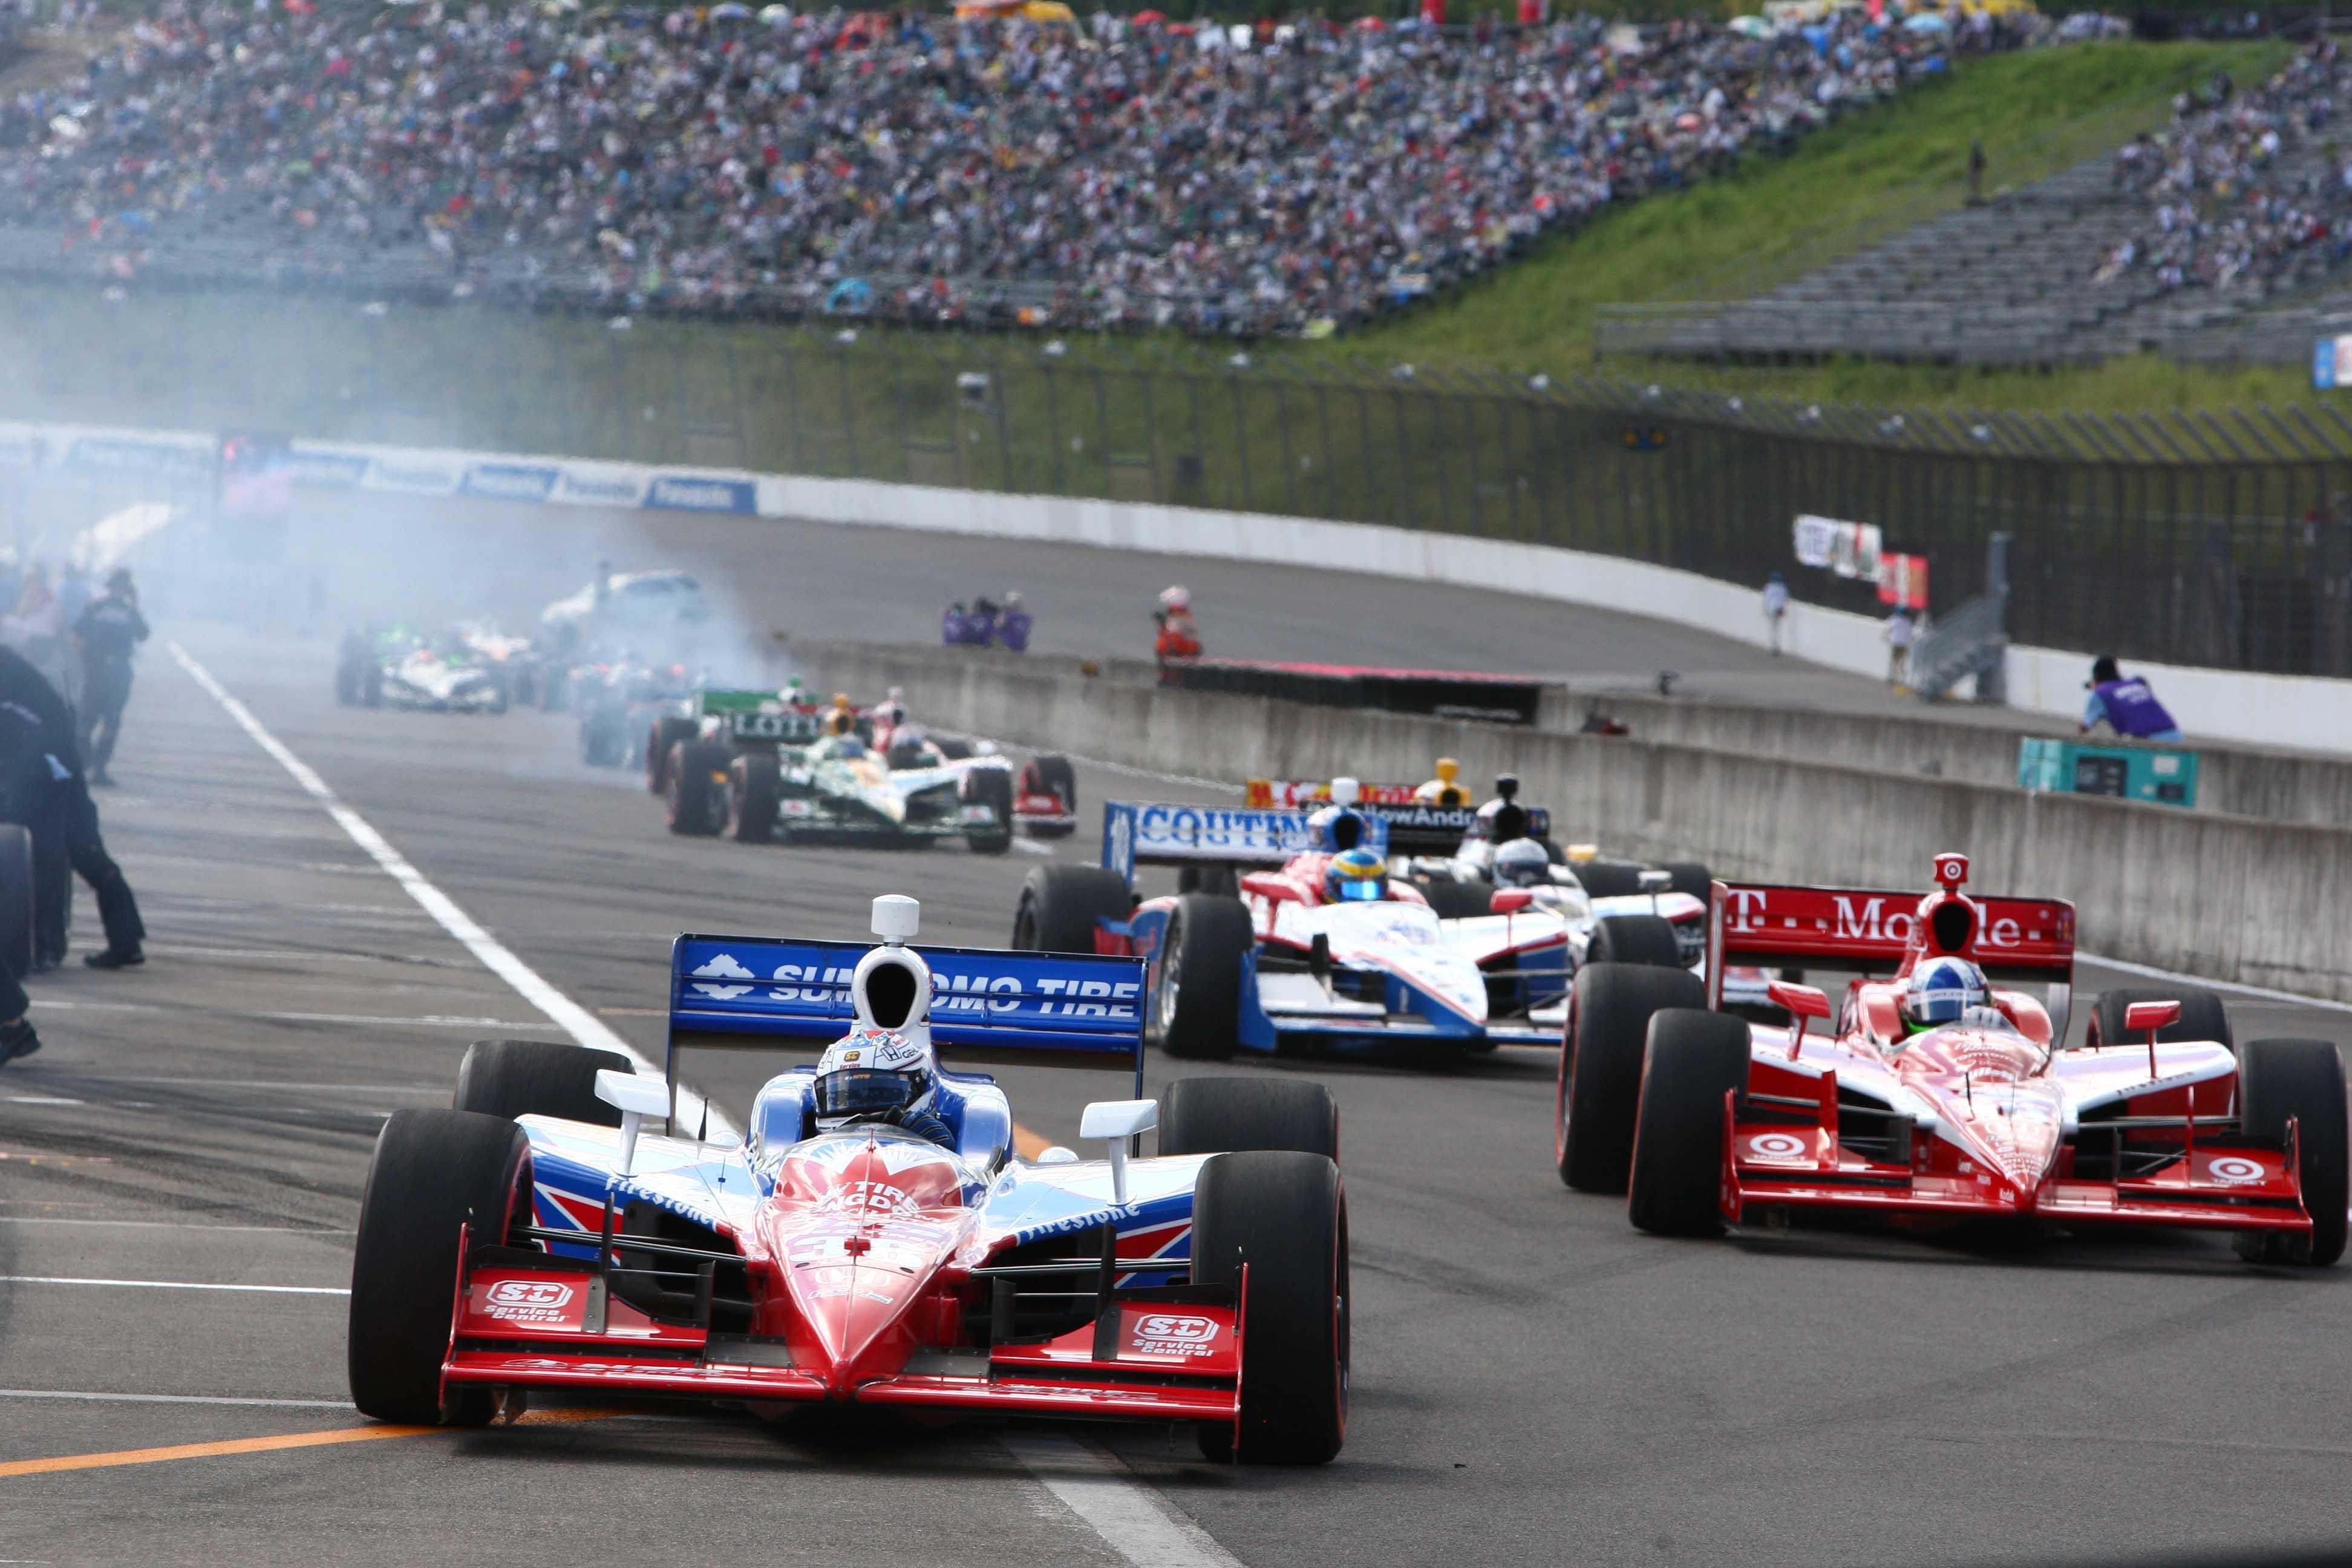 Indycar - Twin Ring Motegi